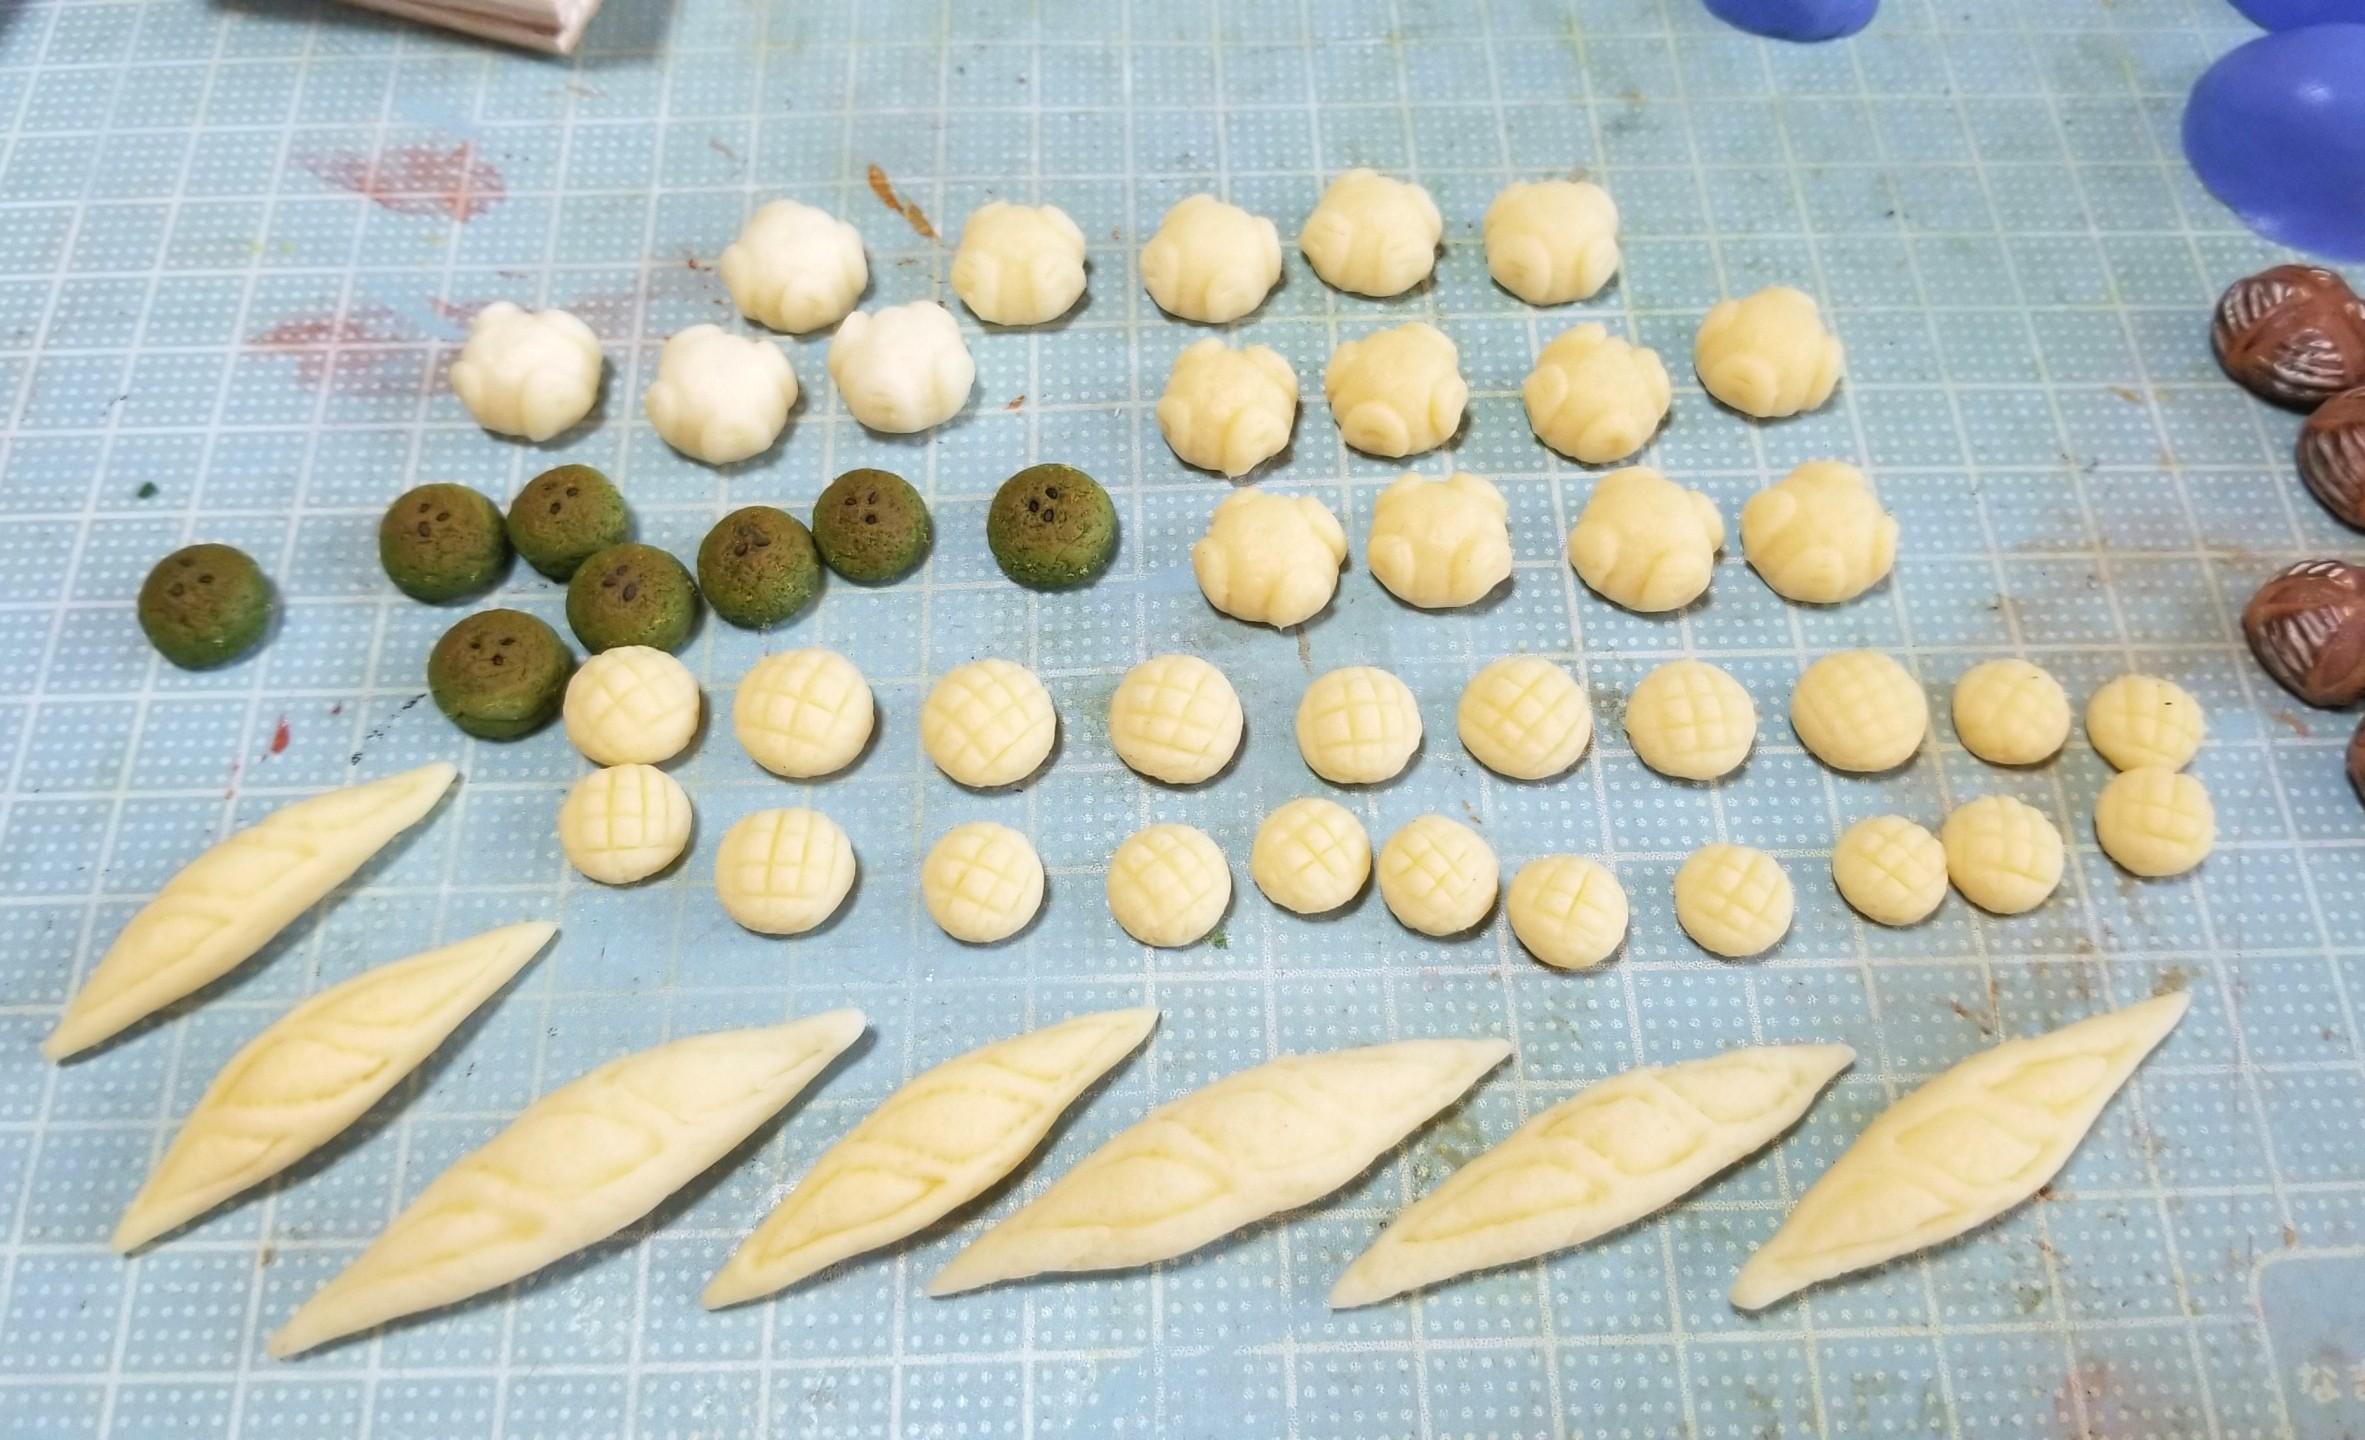 ミニチュア, パン作り, 樹脂粘土, 粘土, もっちりカンパーニュ